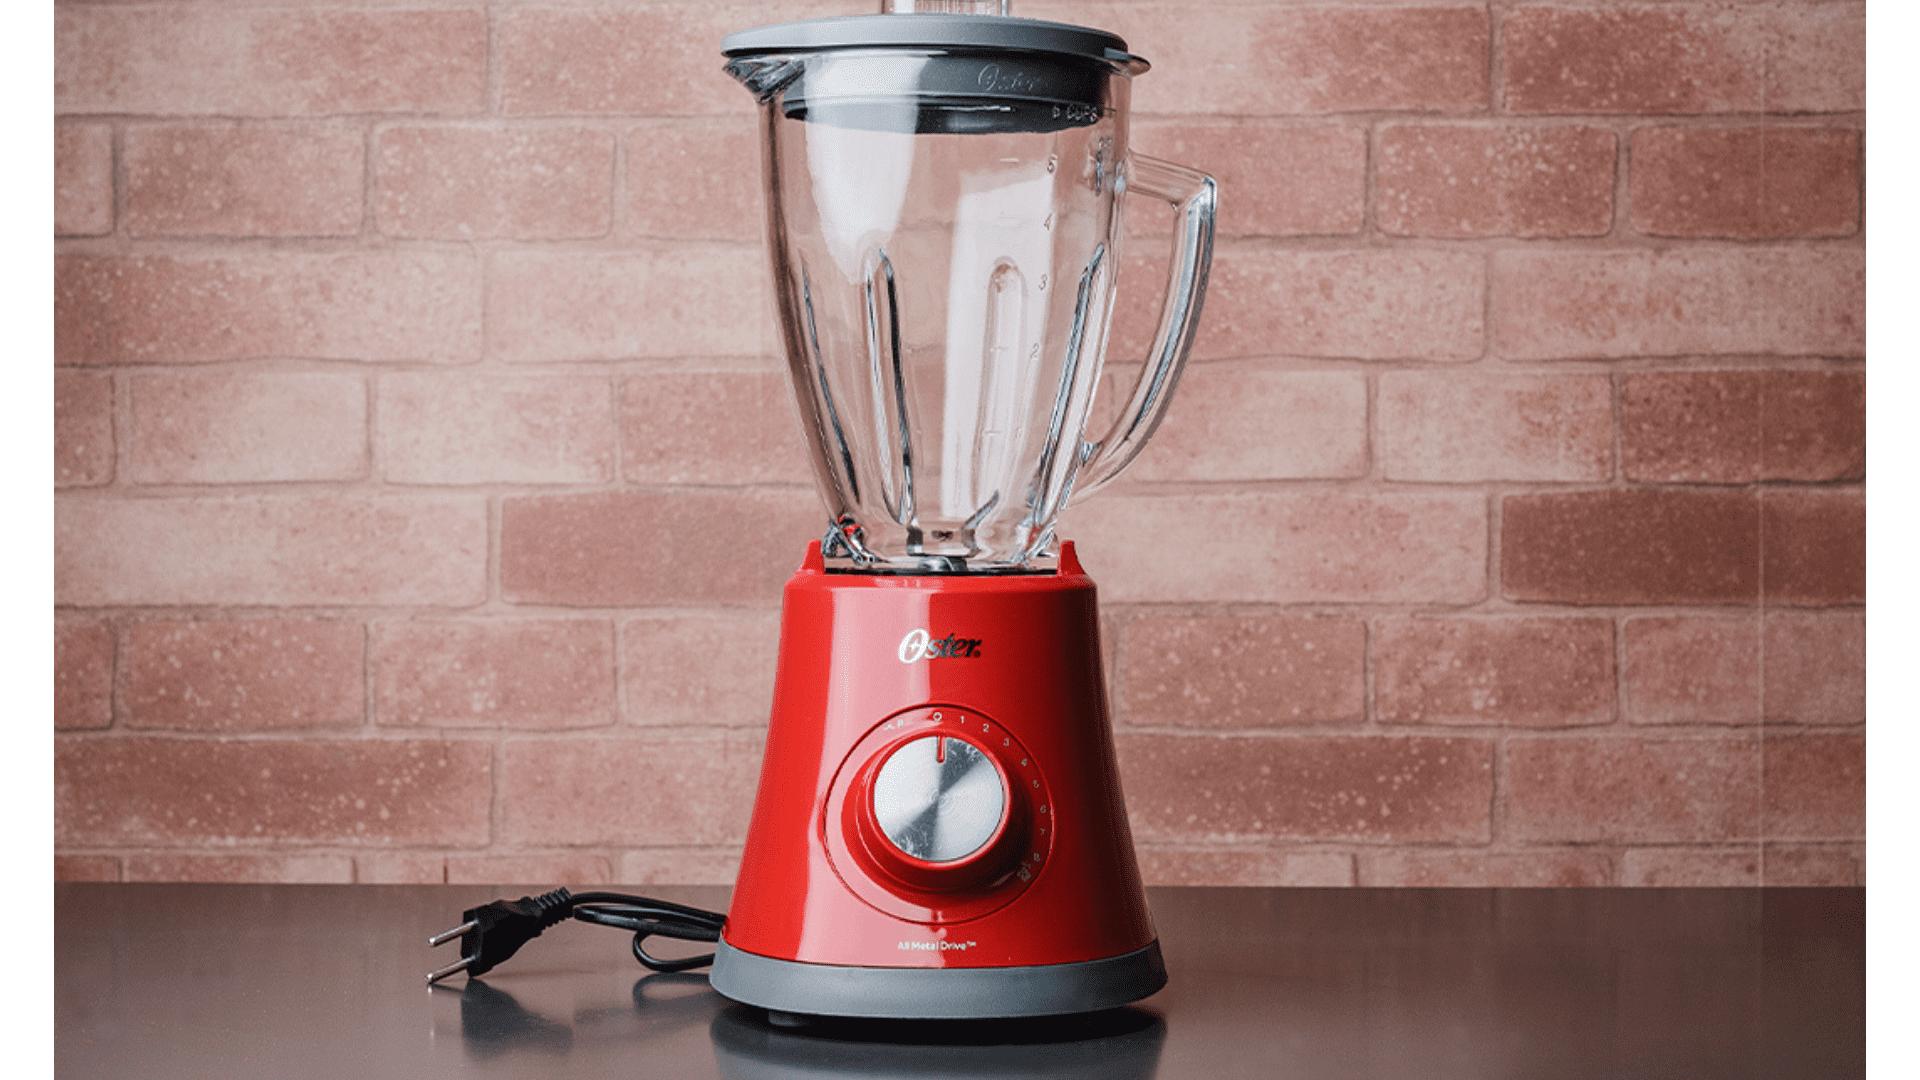 A jarra de vidro atribui um visual sofisticado ao liquidificador da Oster (Foto: Zoom)